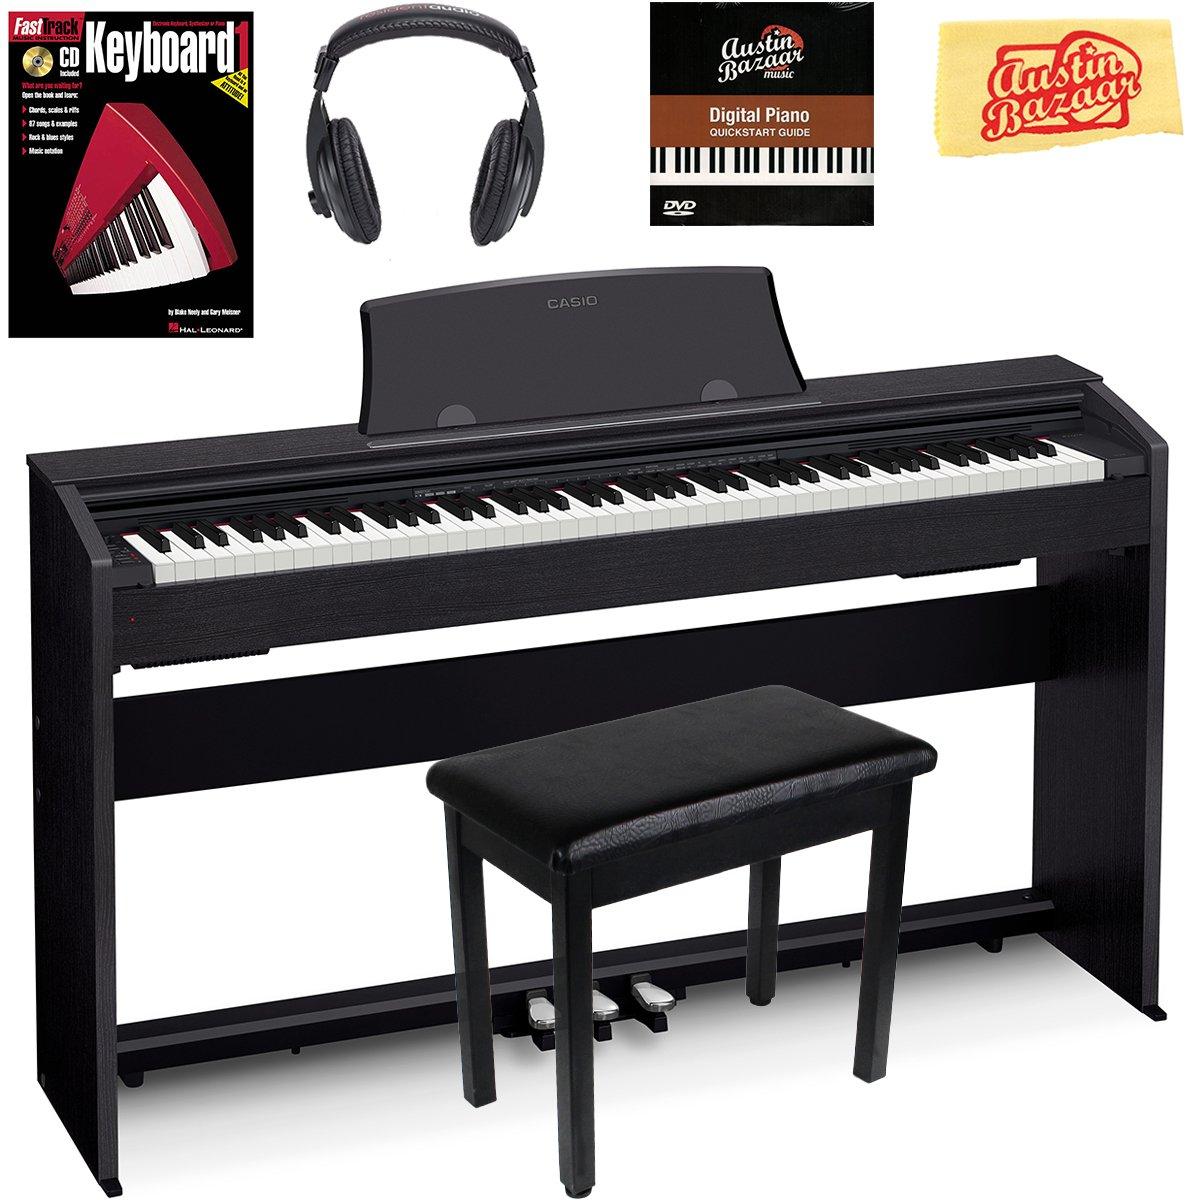 Casio Privia PX 770 Digital Piano